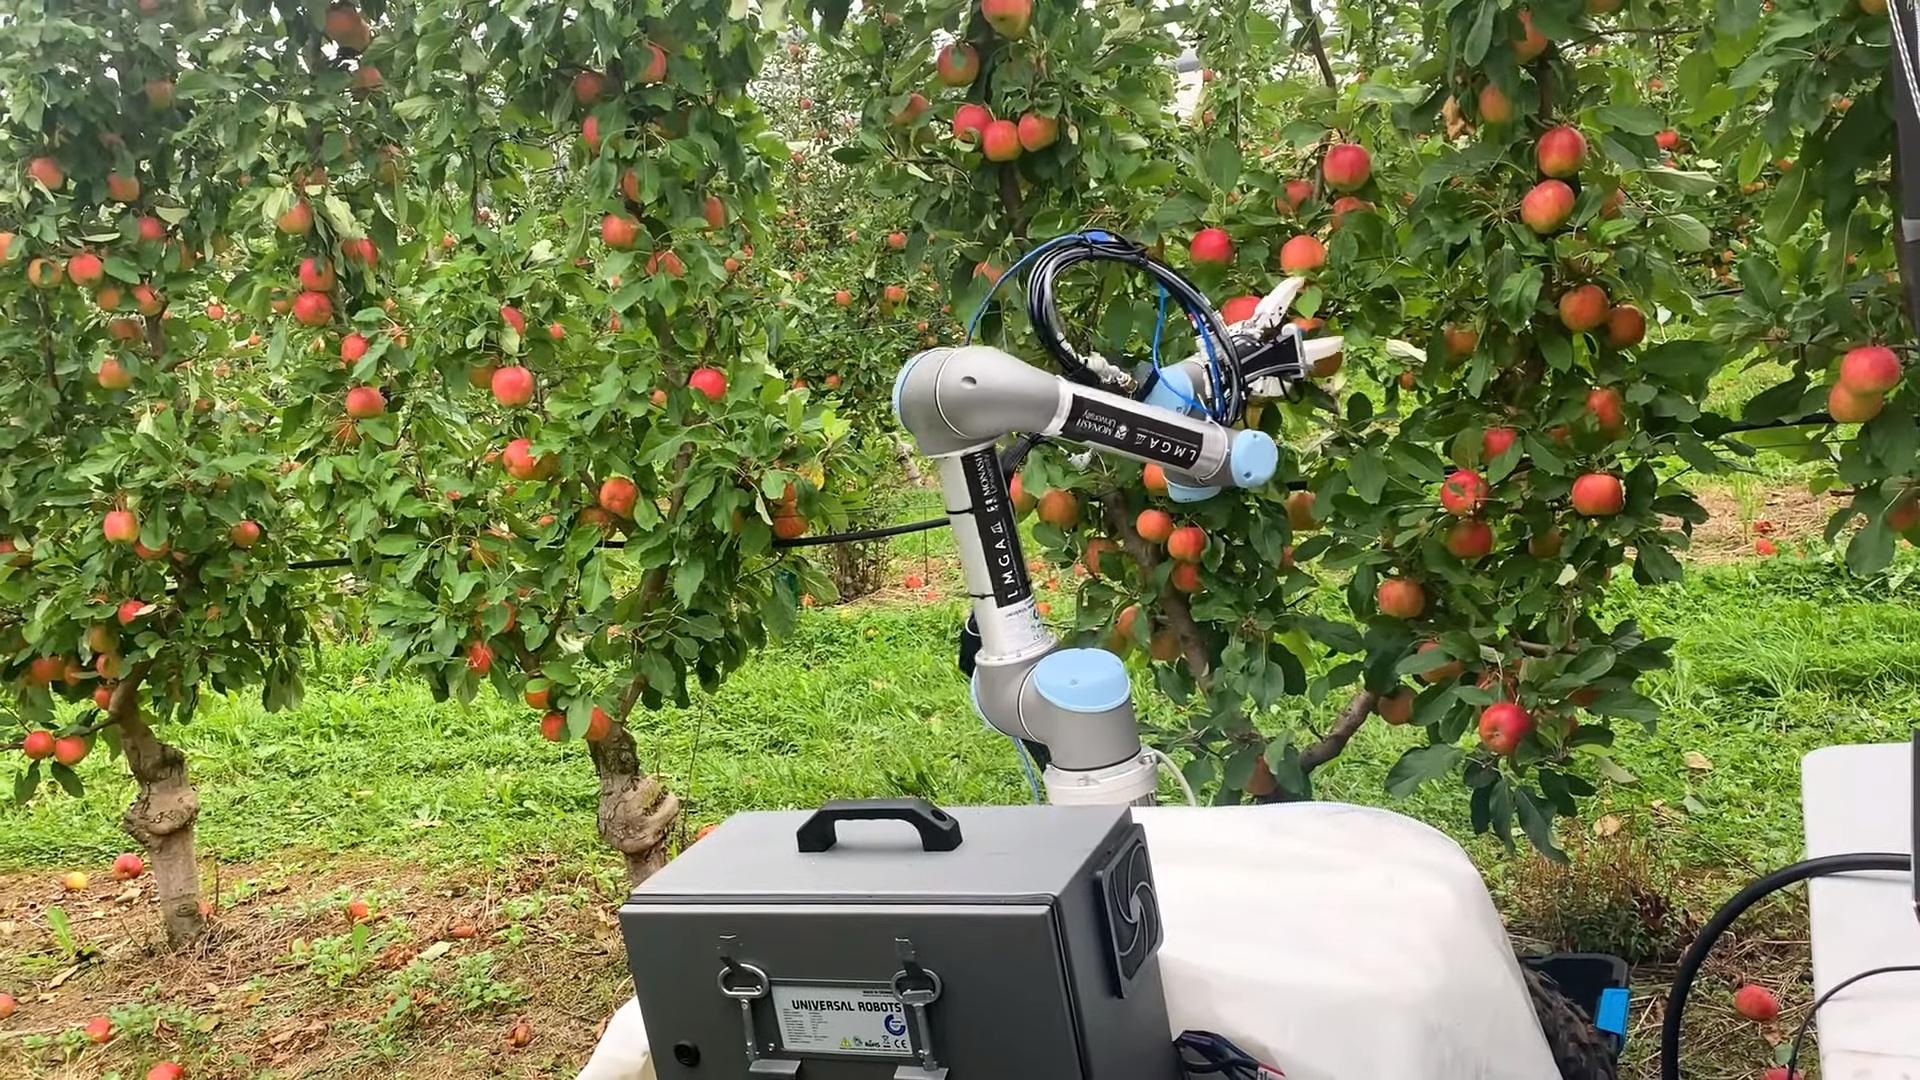 Посмотрите на робота, который собирает яблоки: он справляется за 7 секунд